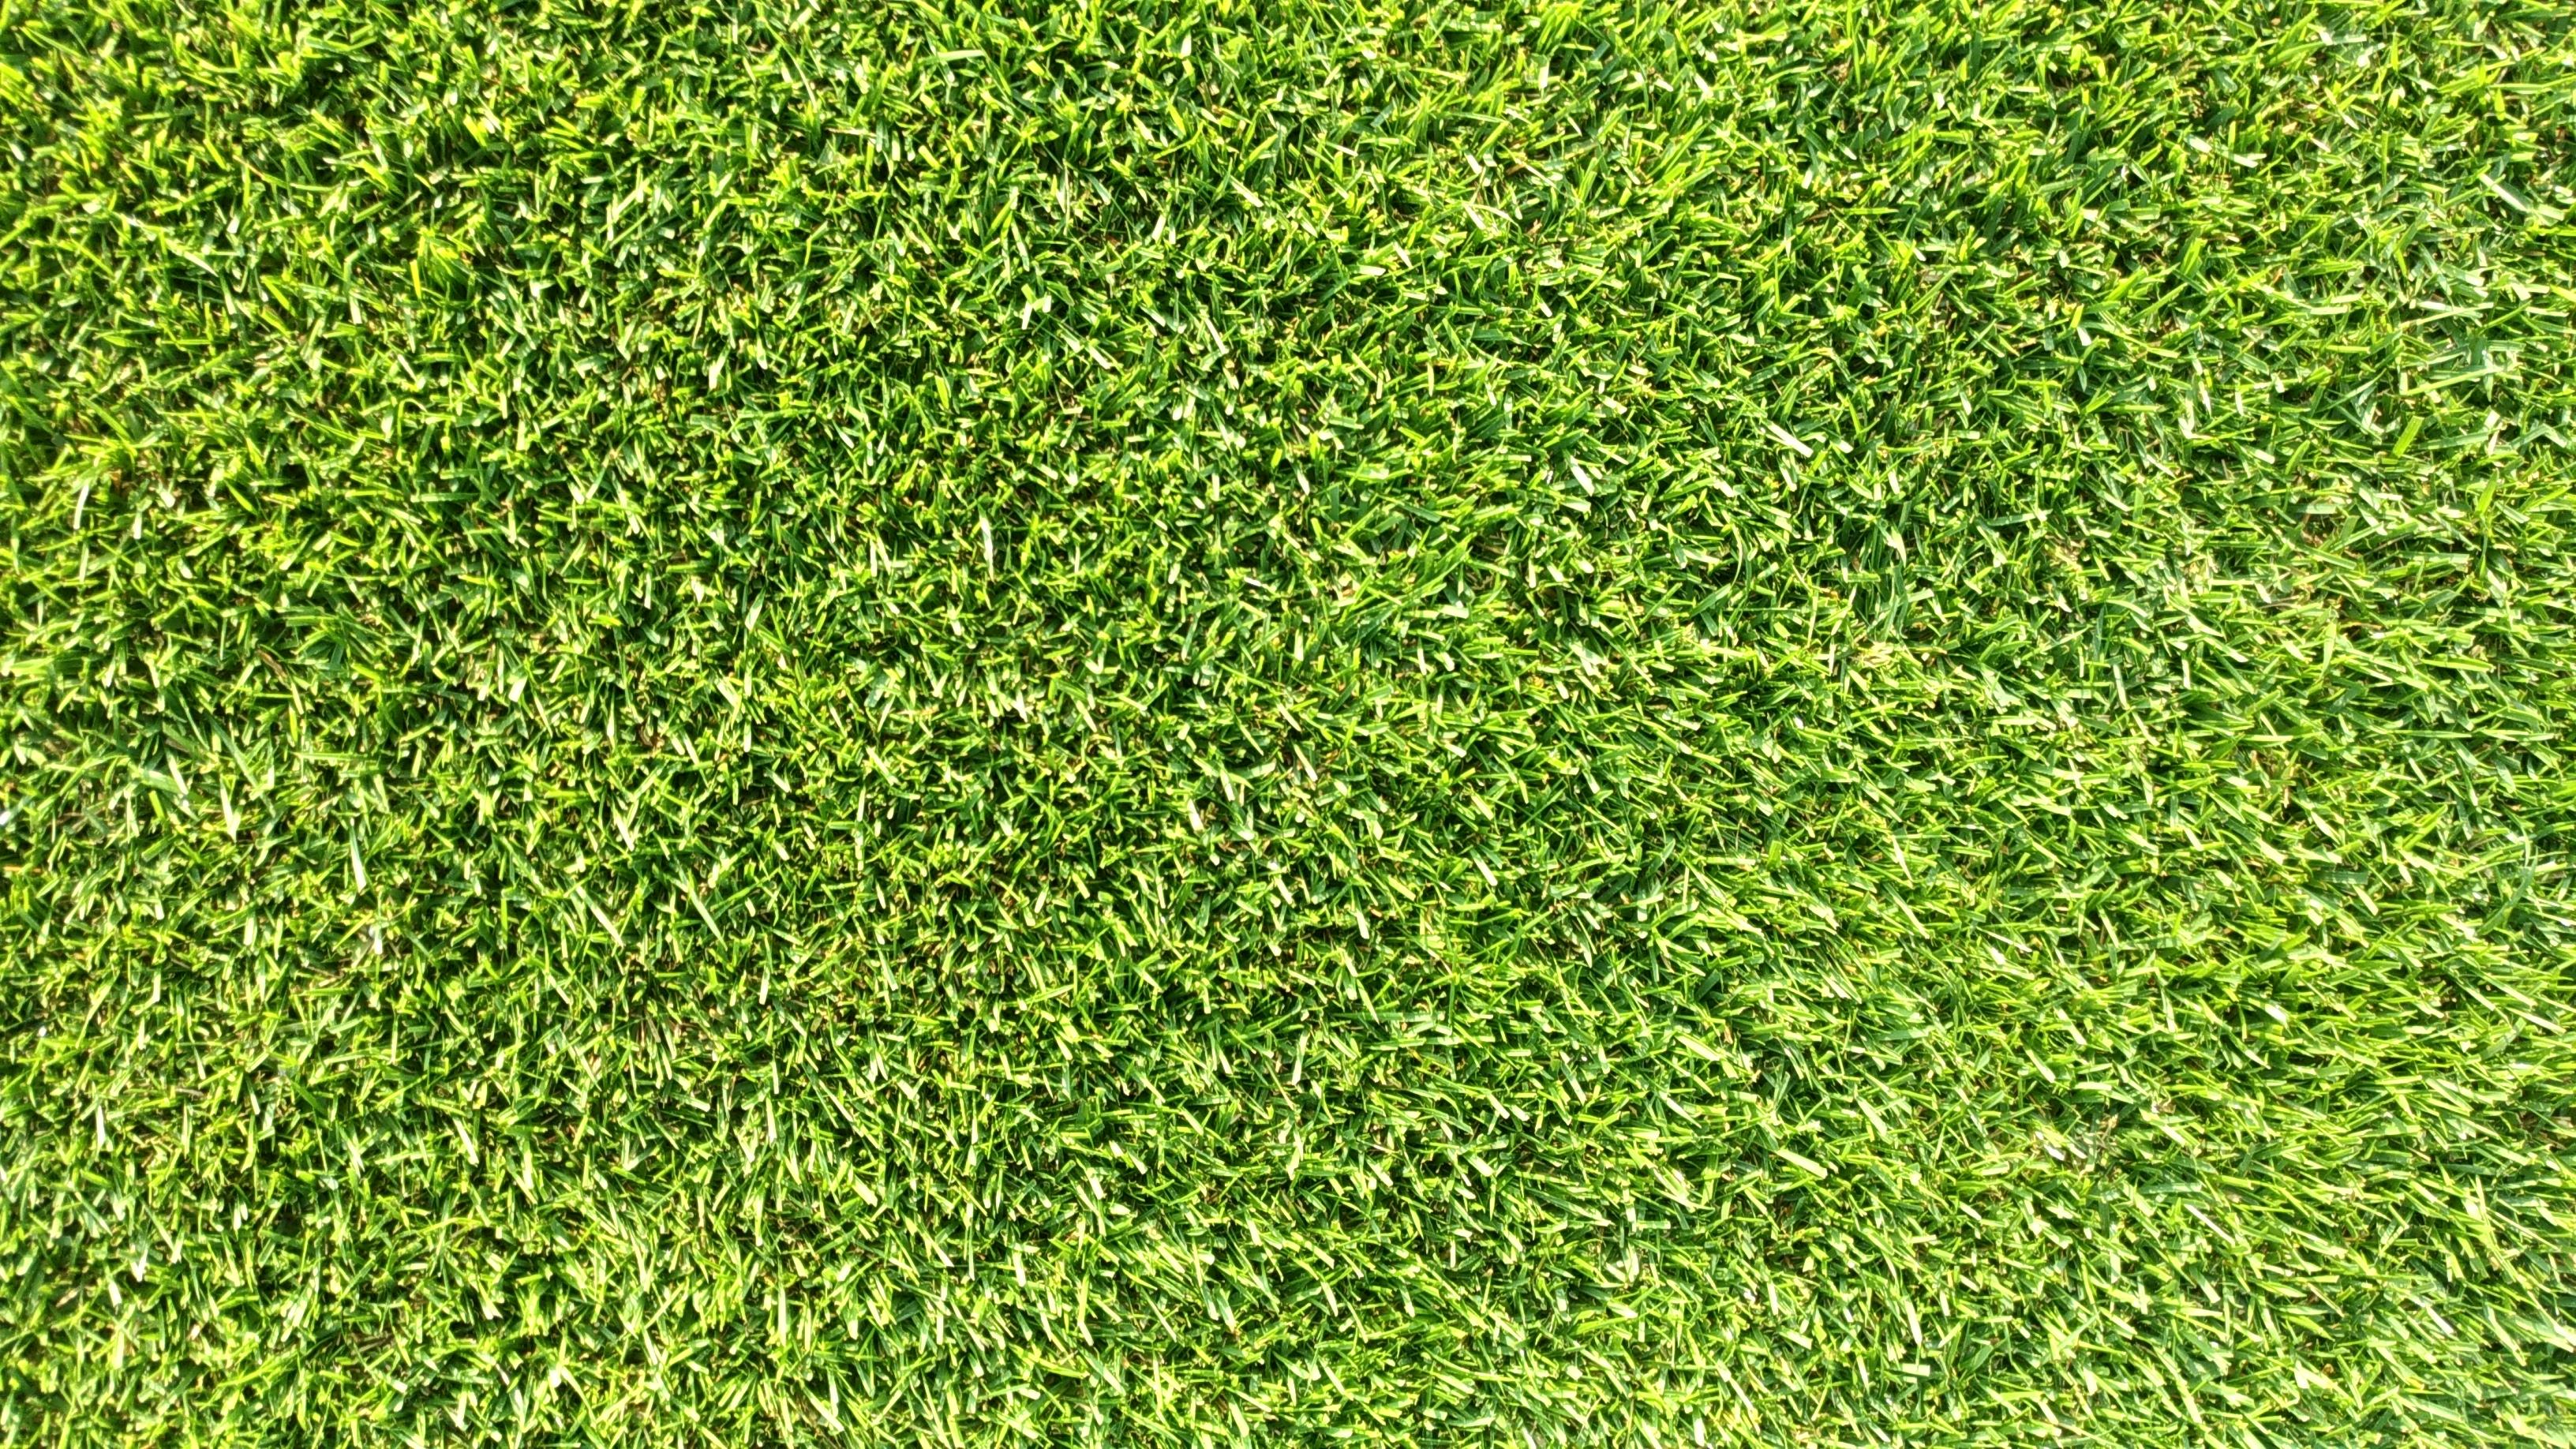 芝生の生育条件として必要な4つのこと😃✨